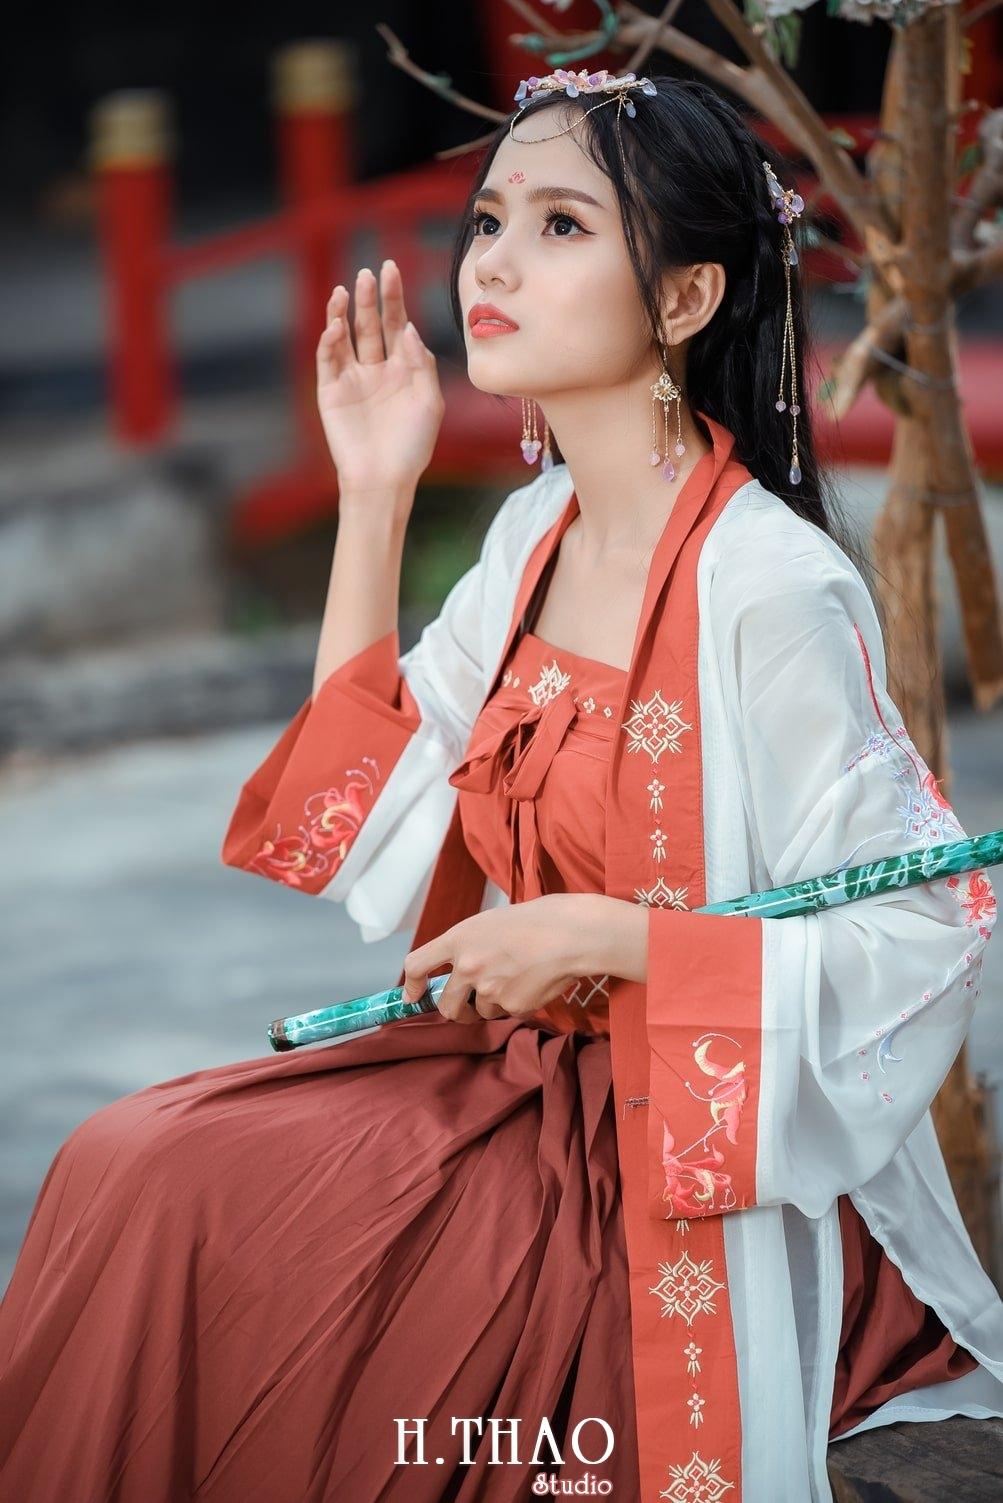 Anh tieu long nu 19 - Album ảnh chụp cổ trang cá nhân theo concept đời đường - HThao Studio